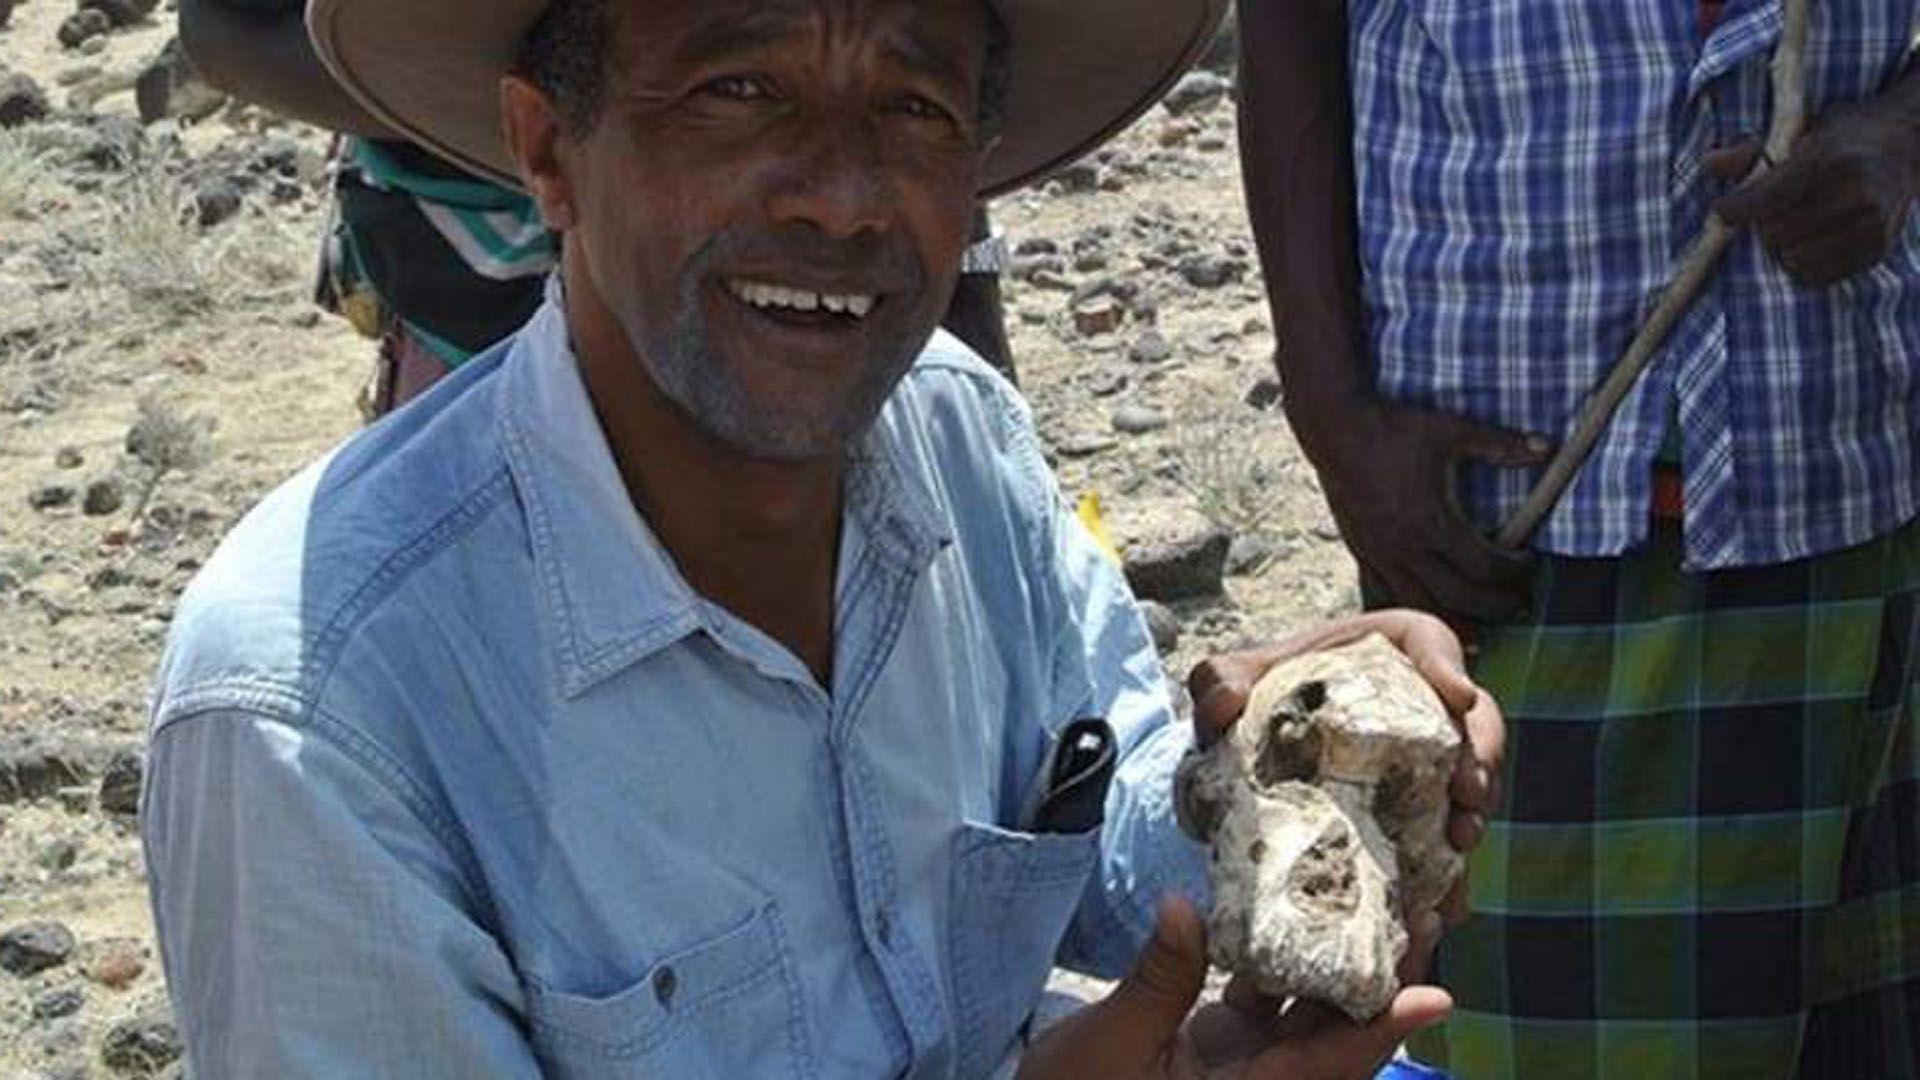 fósil fue descubierto en la localidad de Miro Dora, en la región de Afar en Etiopía, no lejos donde también fueron encontrados los restos de Lucy (EFE)